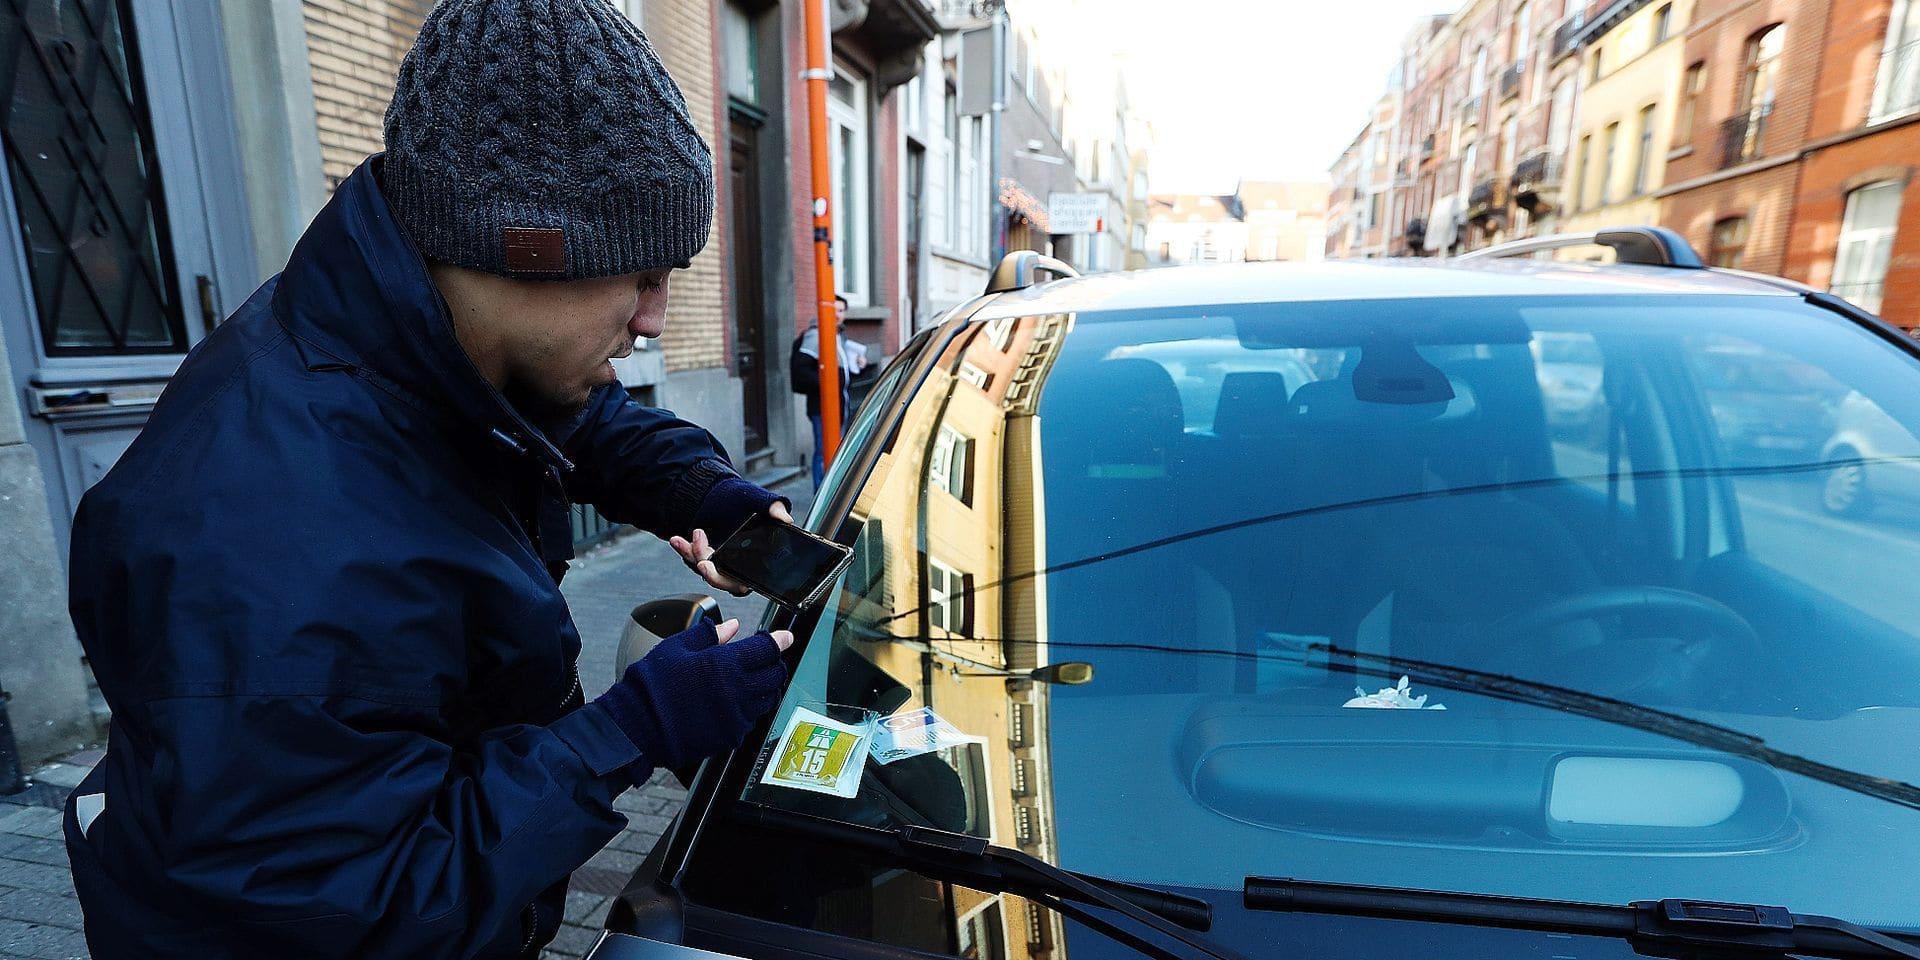 horodateur Service Parking Commune d'Uccle